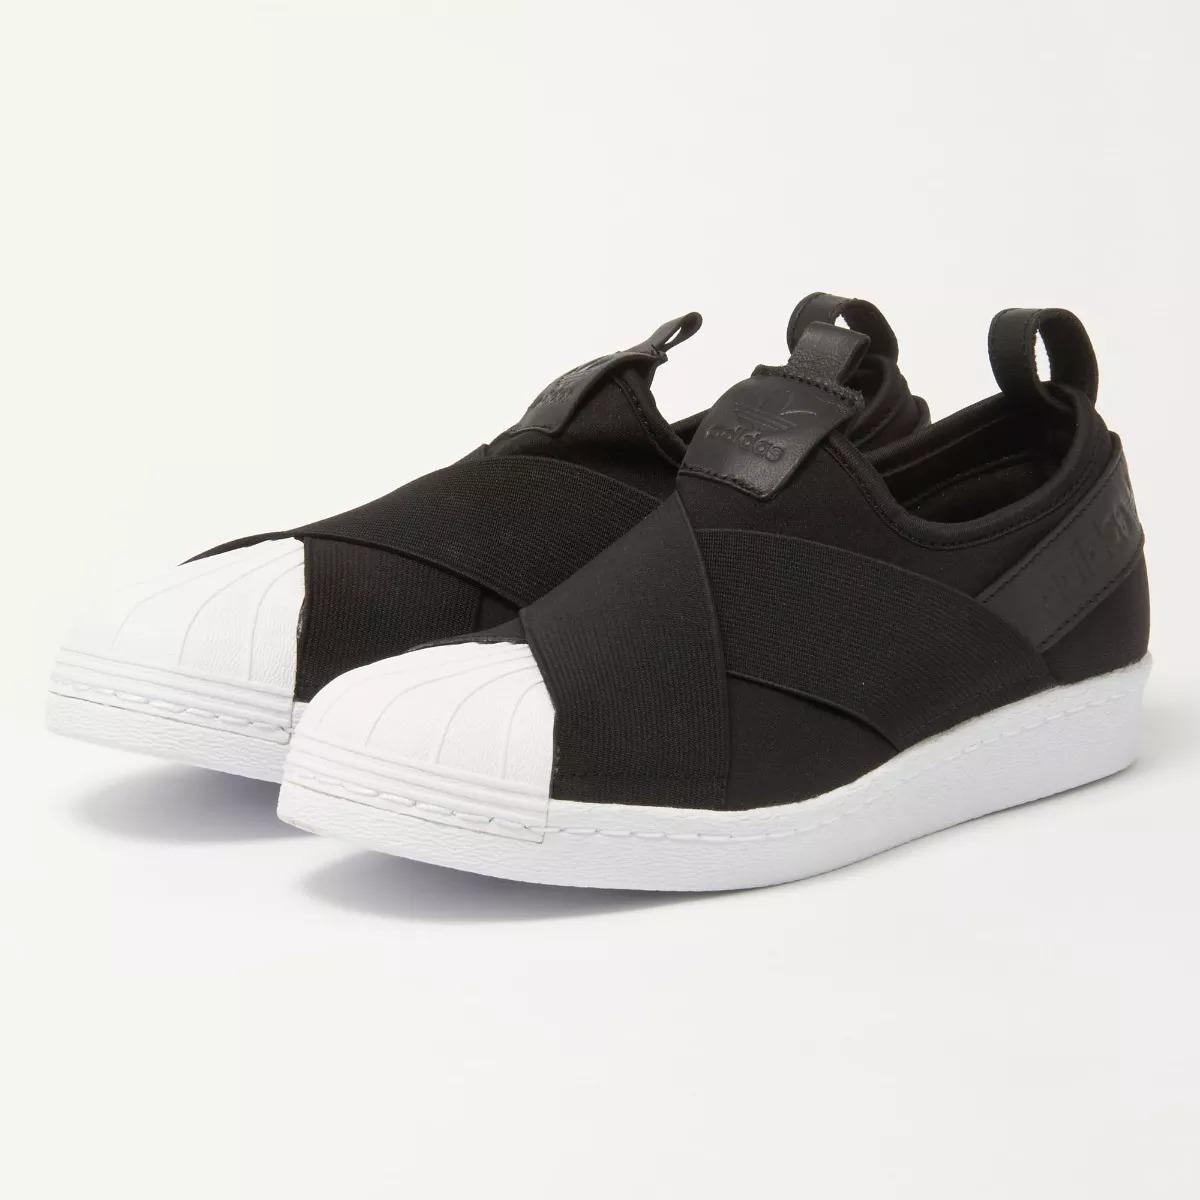 Liquidación Barato Venta Marketable Adidas Originals Zapatillas Superstar Slip On Precios de venta en línea 2018 eGs6YH